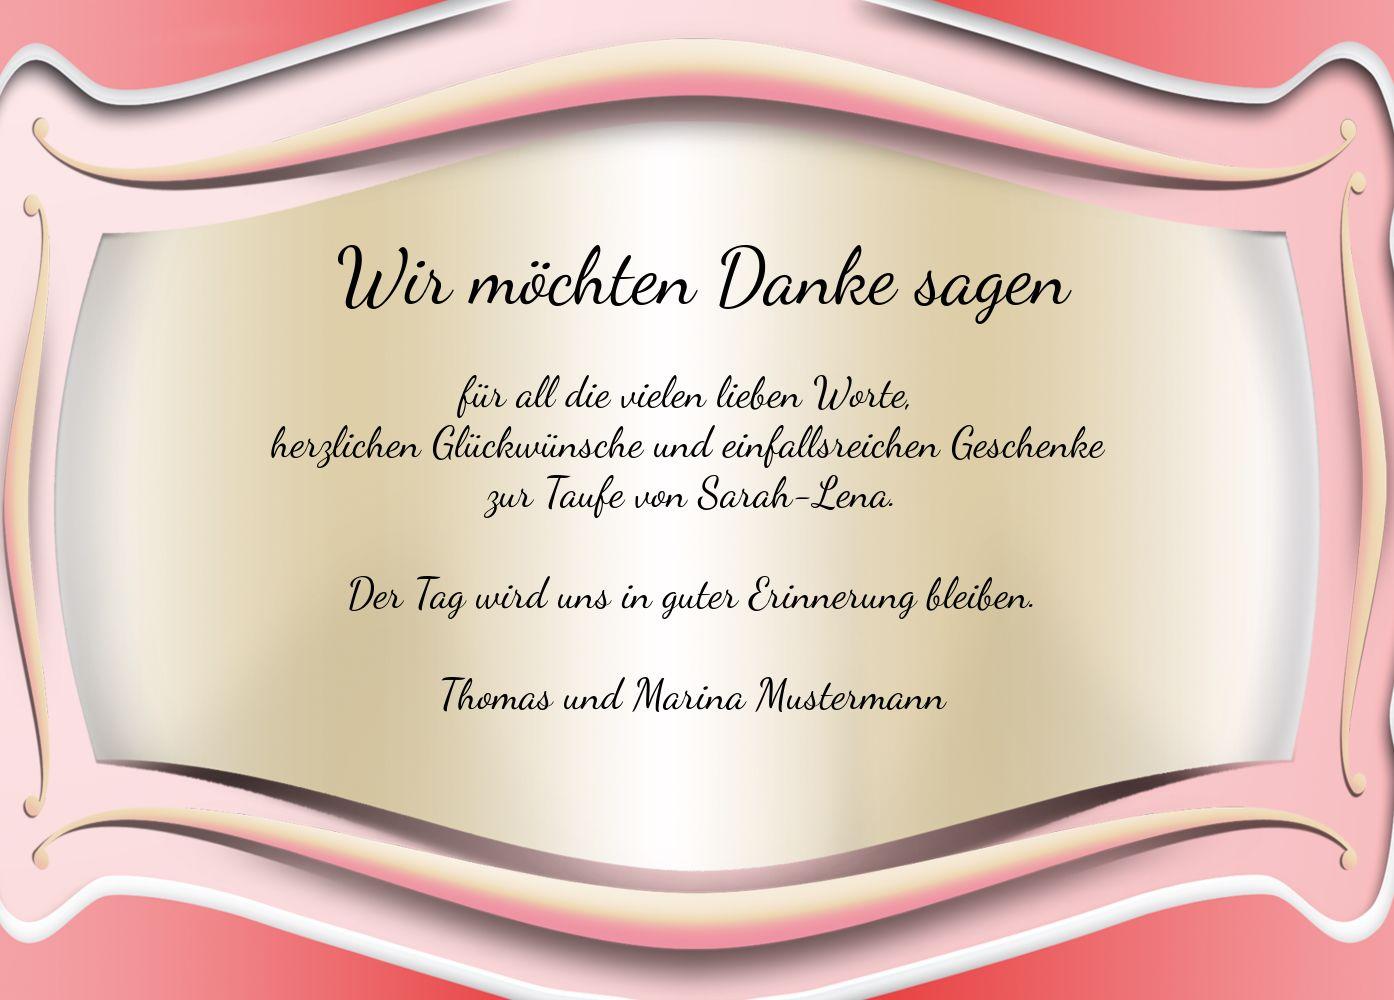 Ansicht 3 - Taufe Dankeskarte Streifbogen